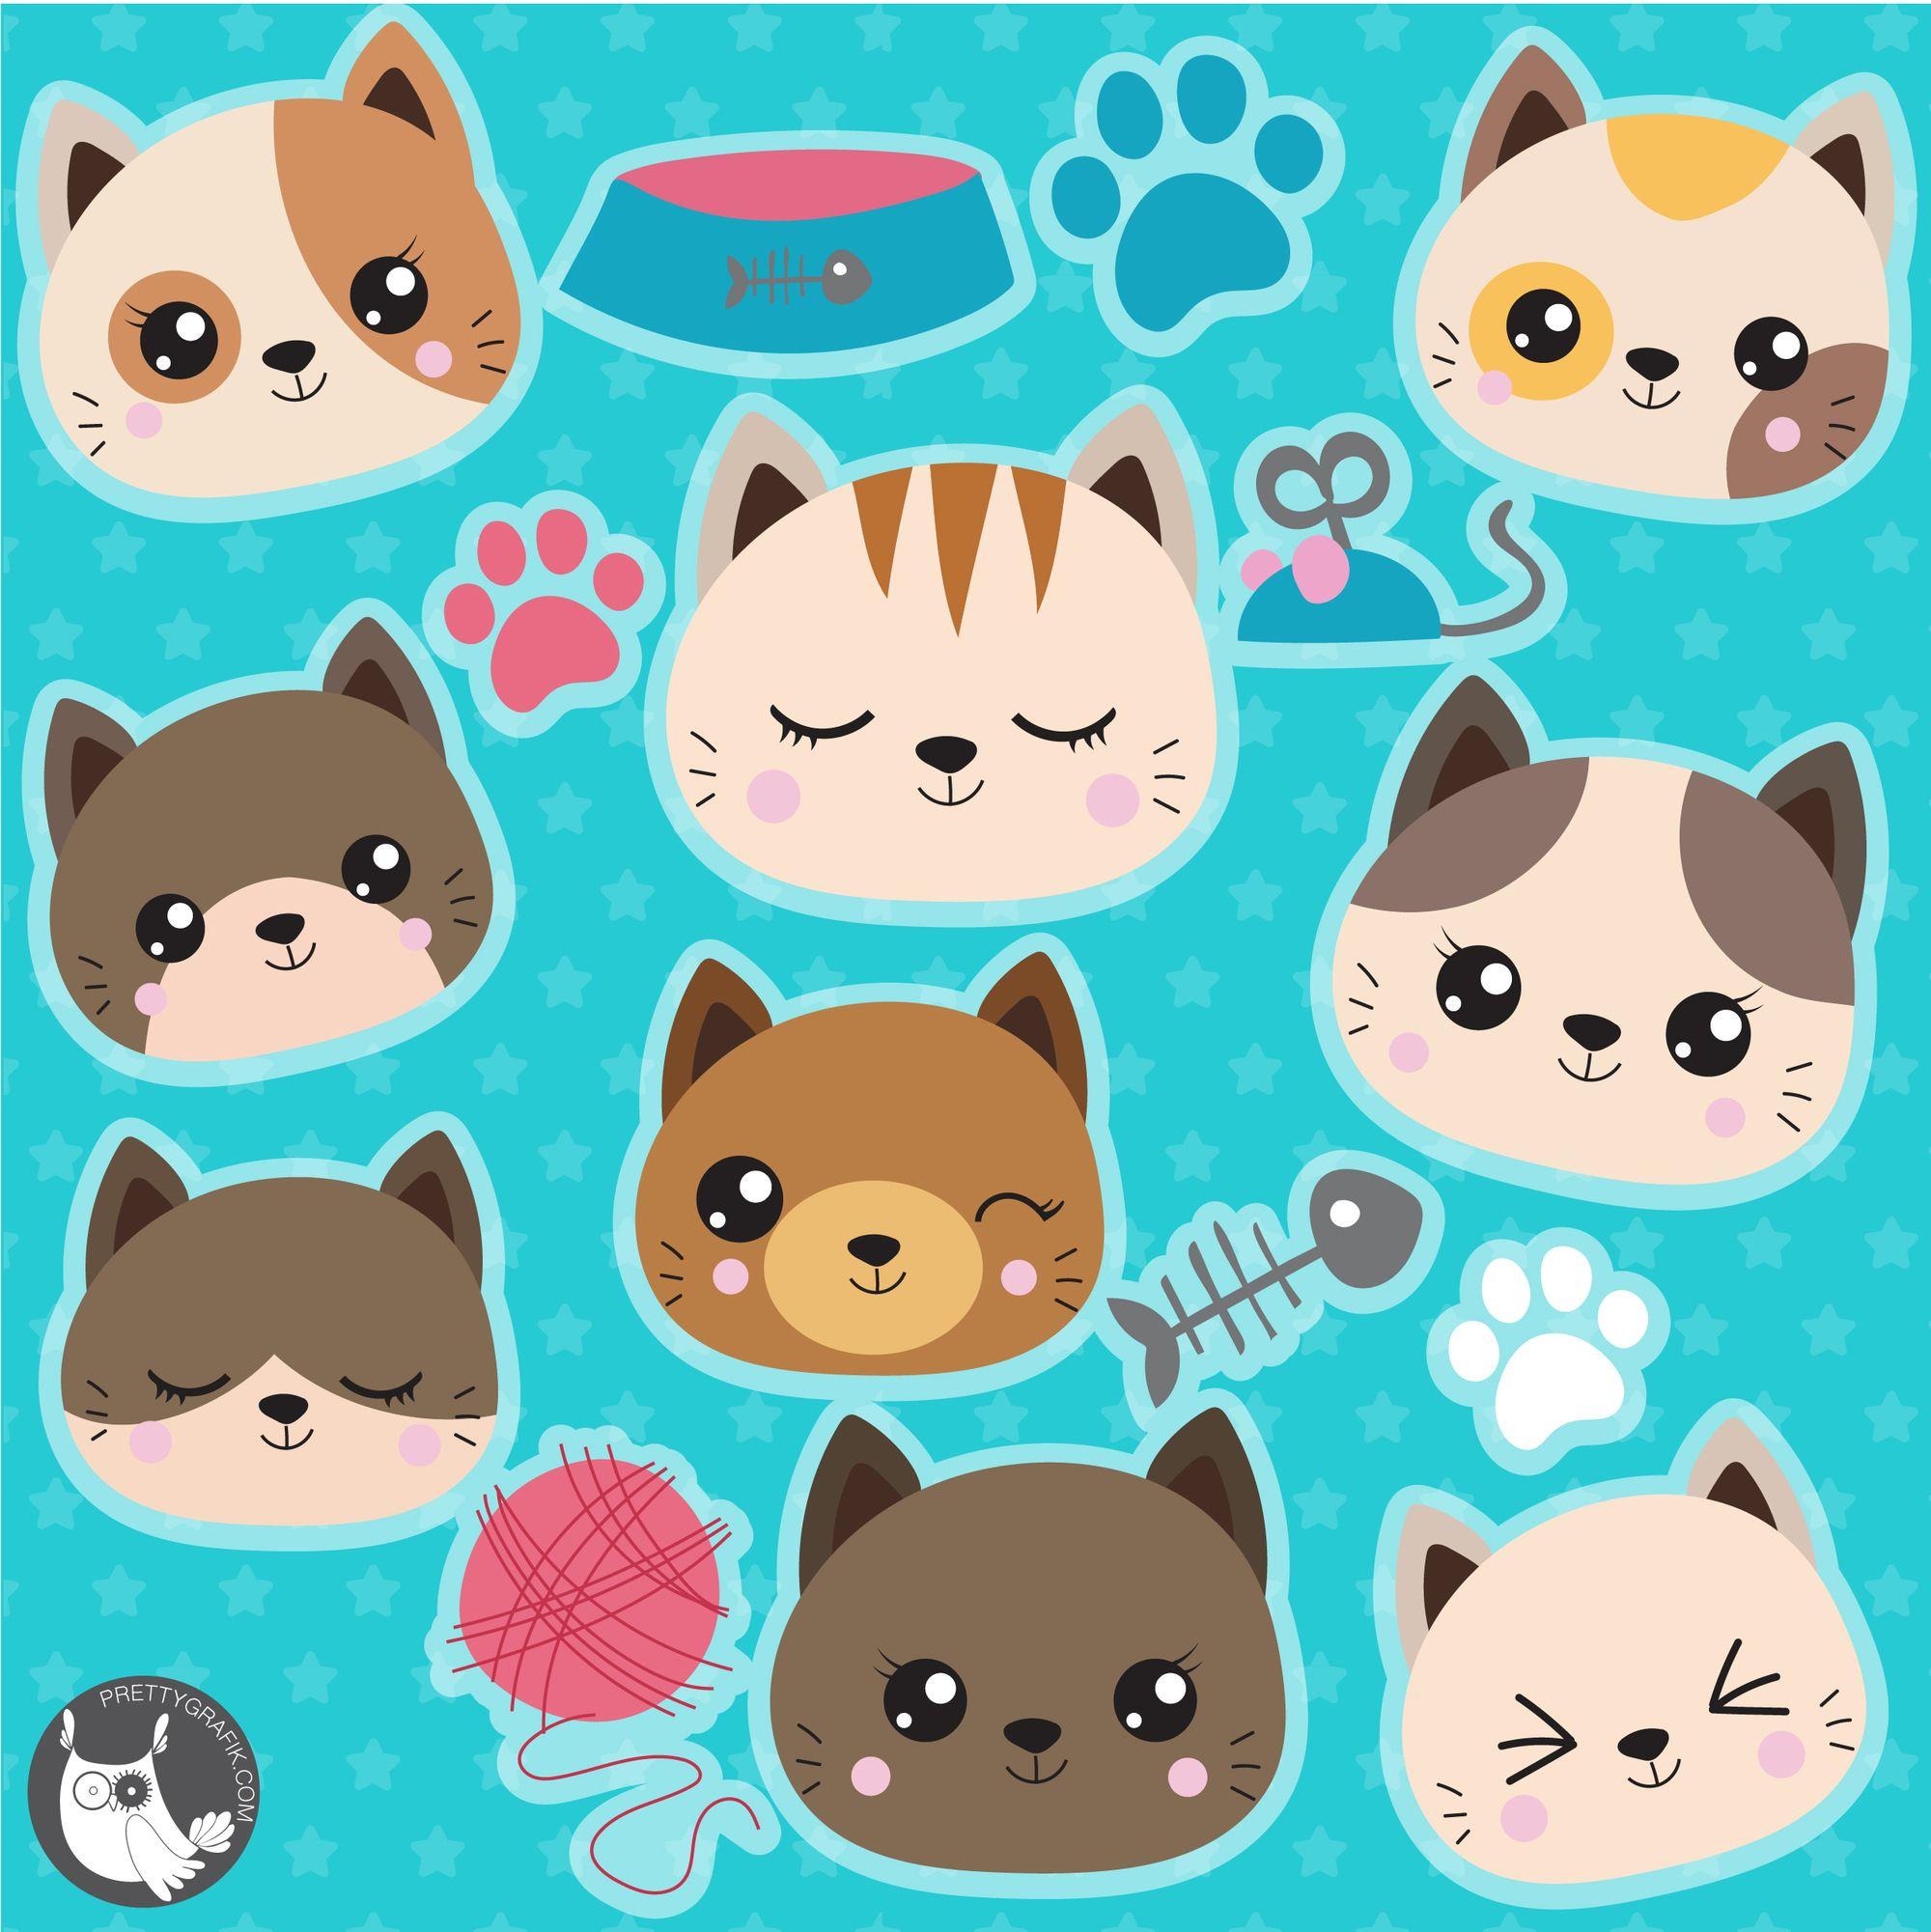 New Graphics Release Cute Cats Graphics Clipart Digitalart Vectorart Clipartforcraft Digital Clip Art Cat Clipart Printable Design Paper